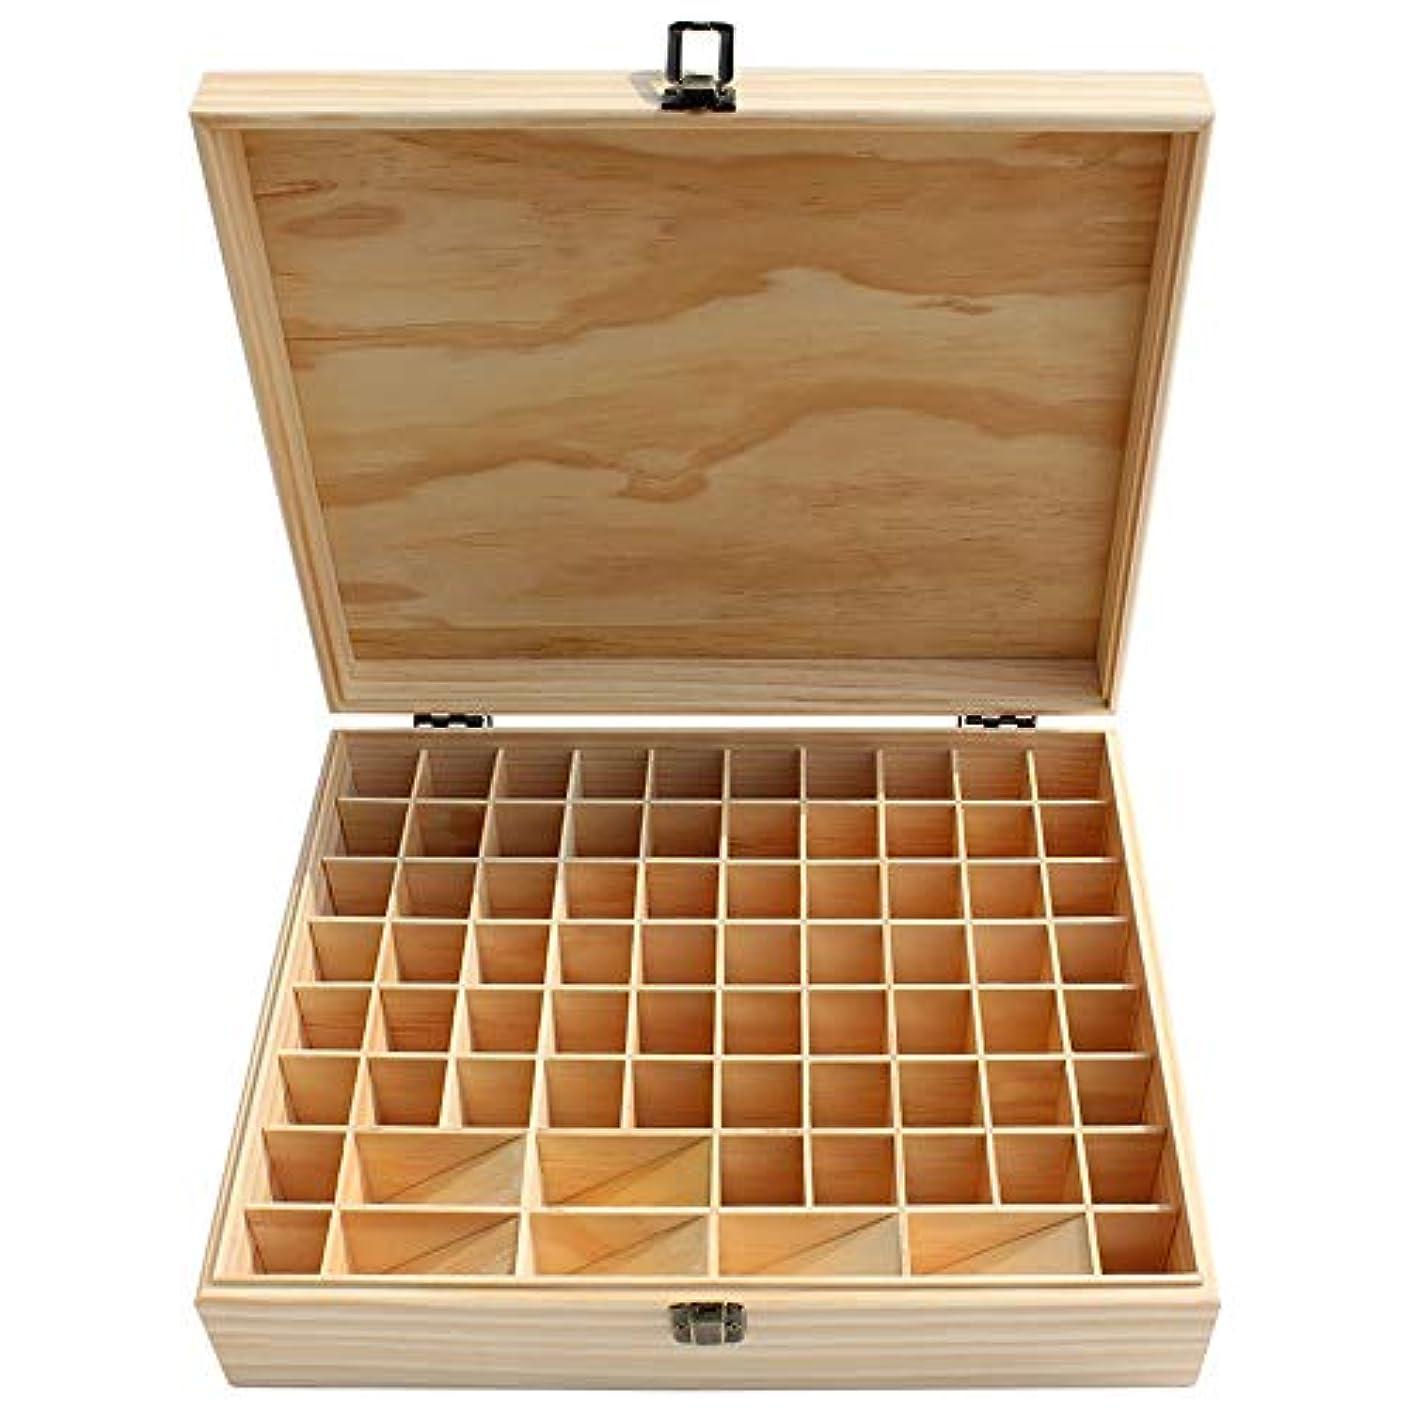 ひもトーストシロクマエッセンシャルオイル収納ボックス 大74スロット木製のエッセンシャルオイルストレージボックスナチュラルパインウッド (色 : Natural, サイズ : 34X27.5X9CM)